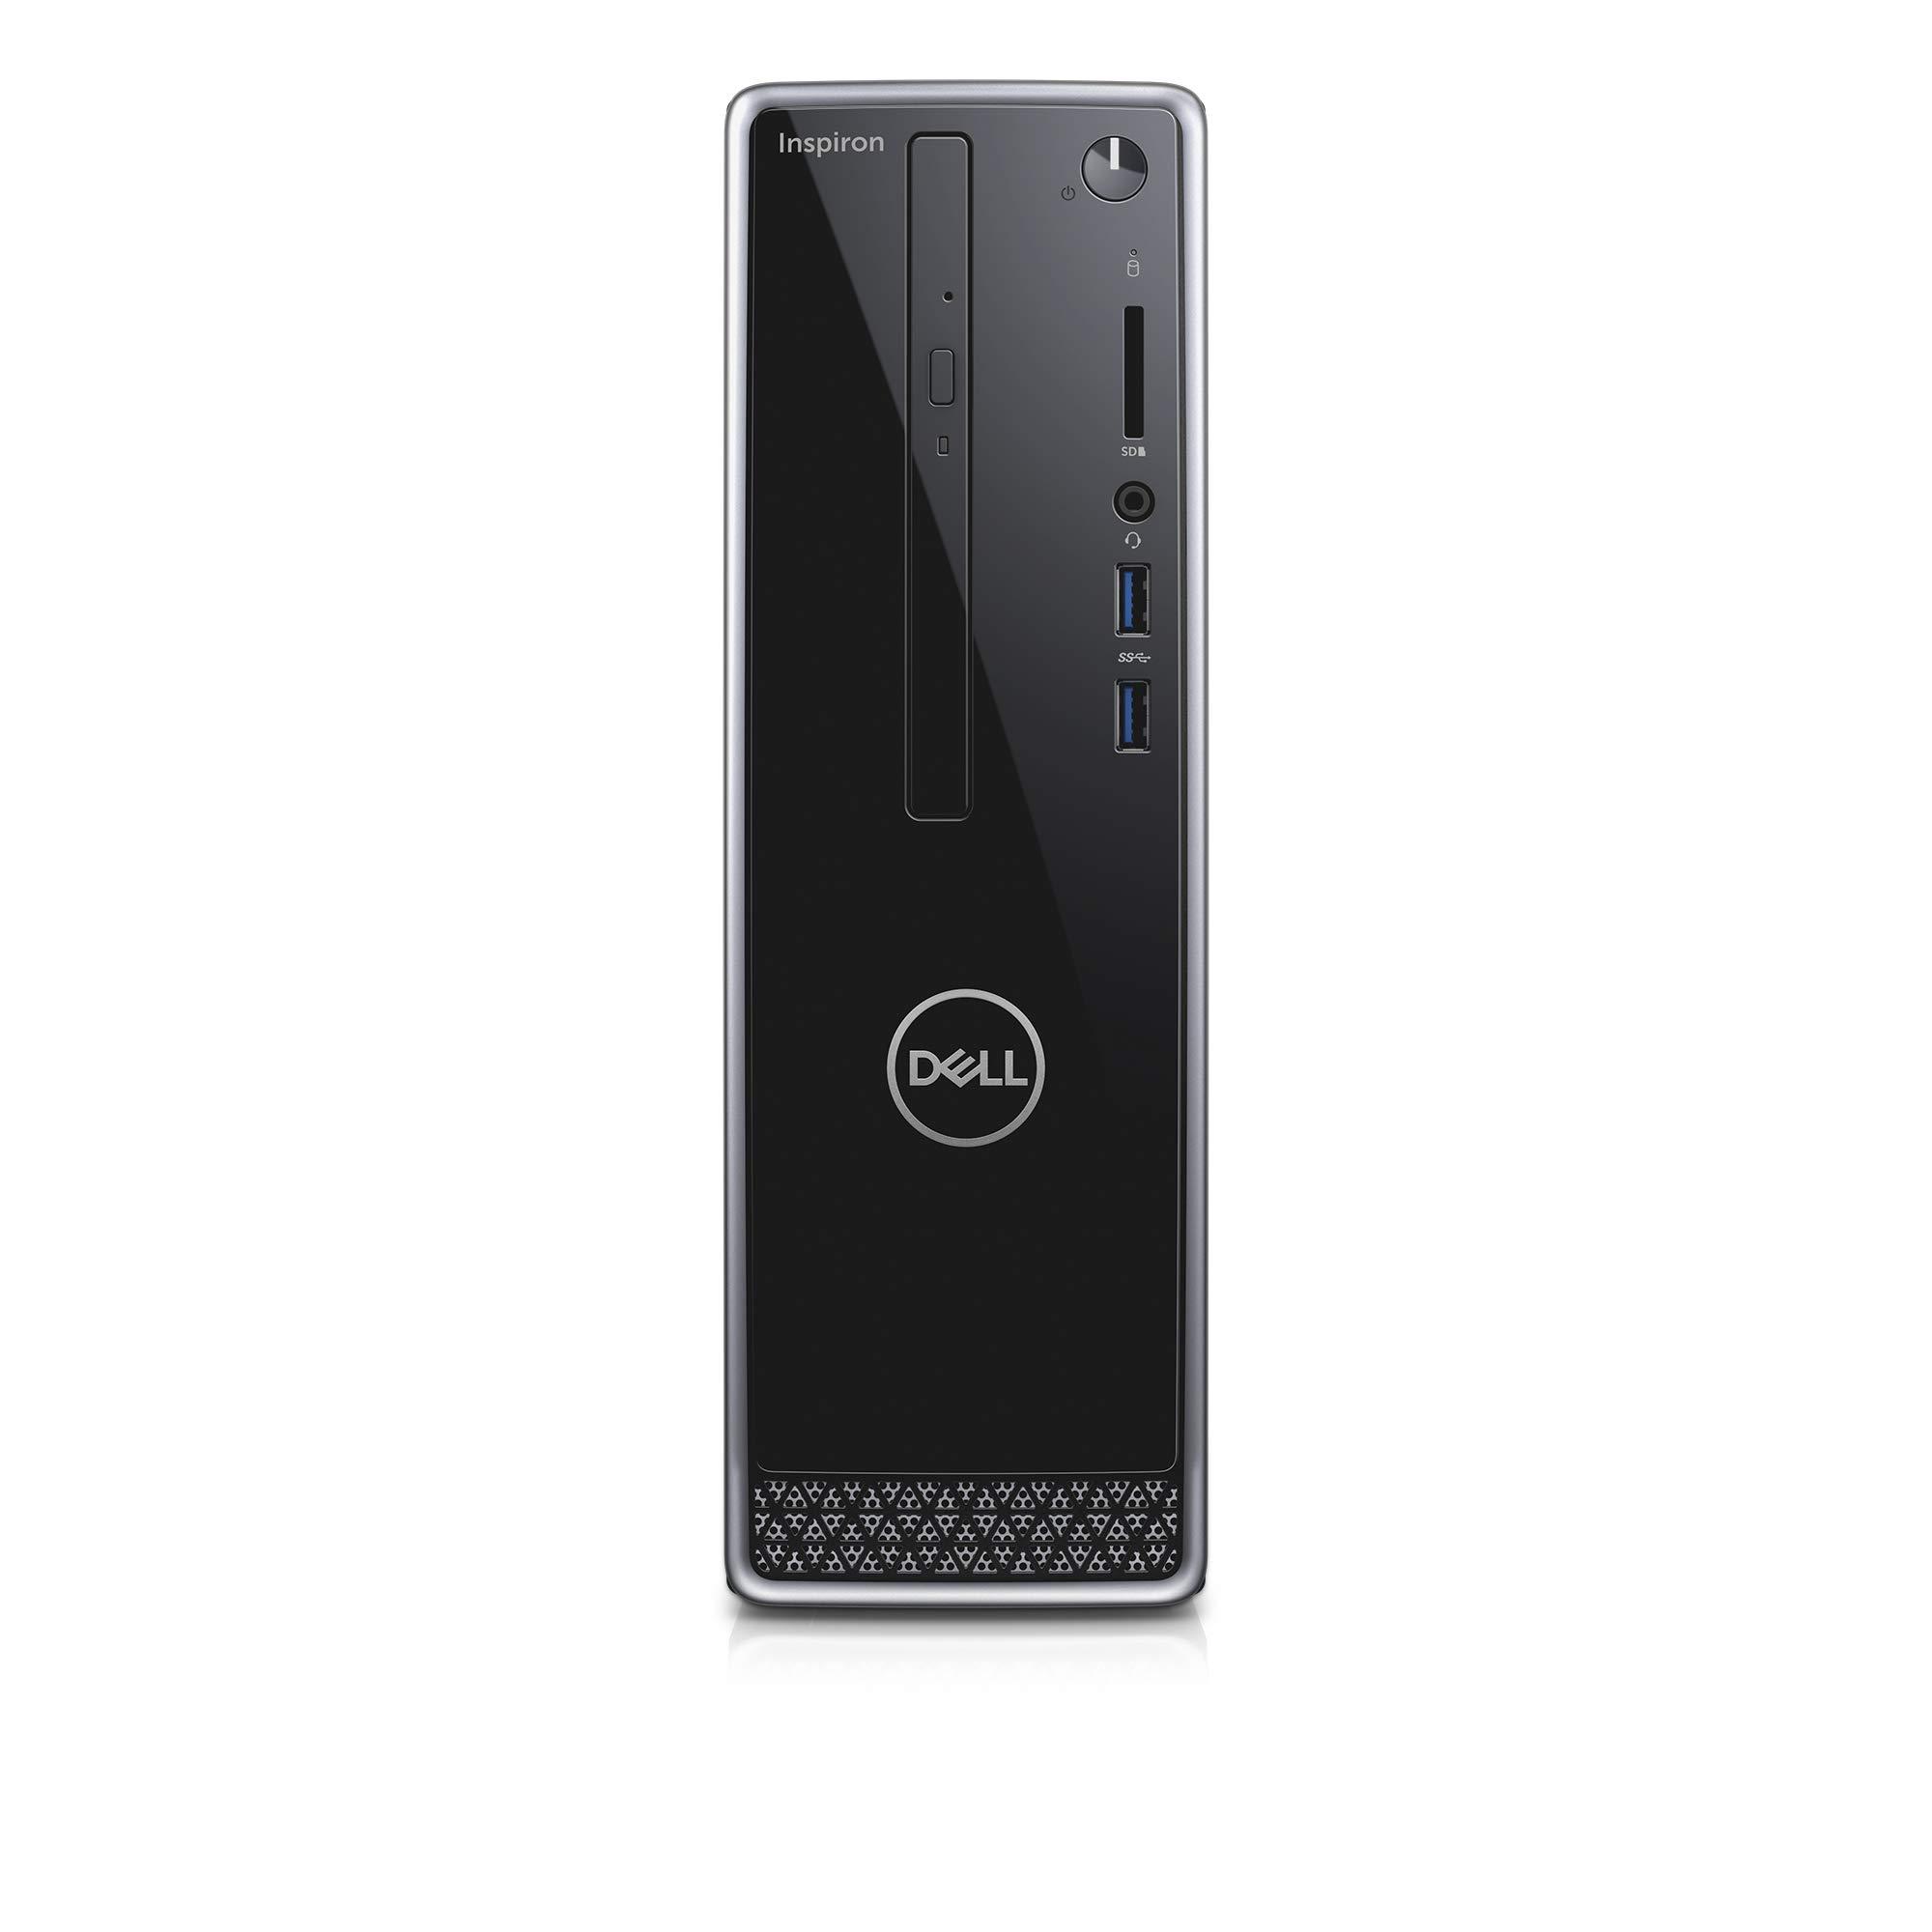 Dell Inspiron i3 8100 Processor Graphics